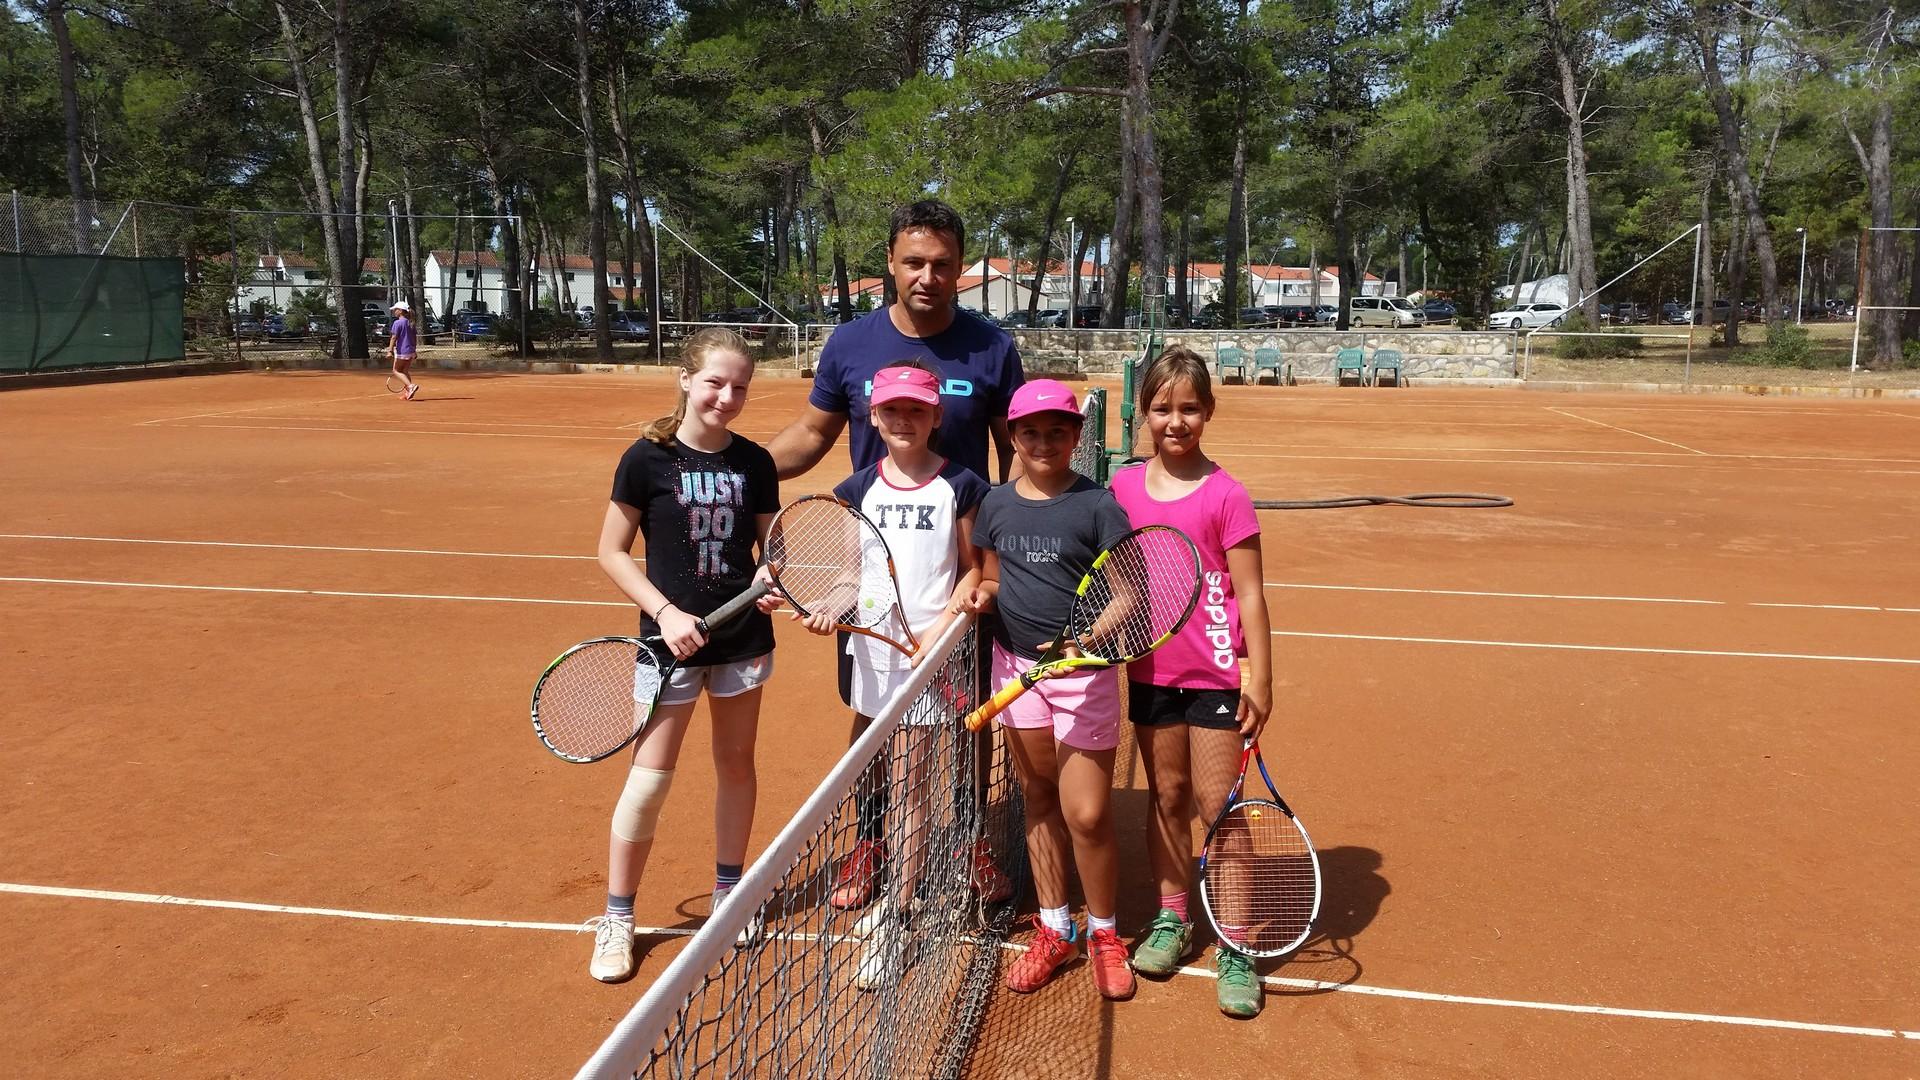 Tenis kamp Zaton 2017 (100)